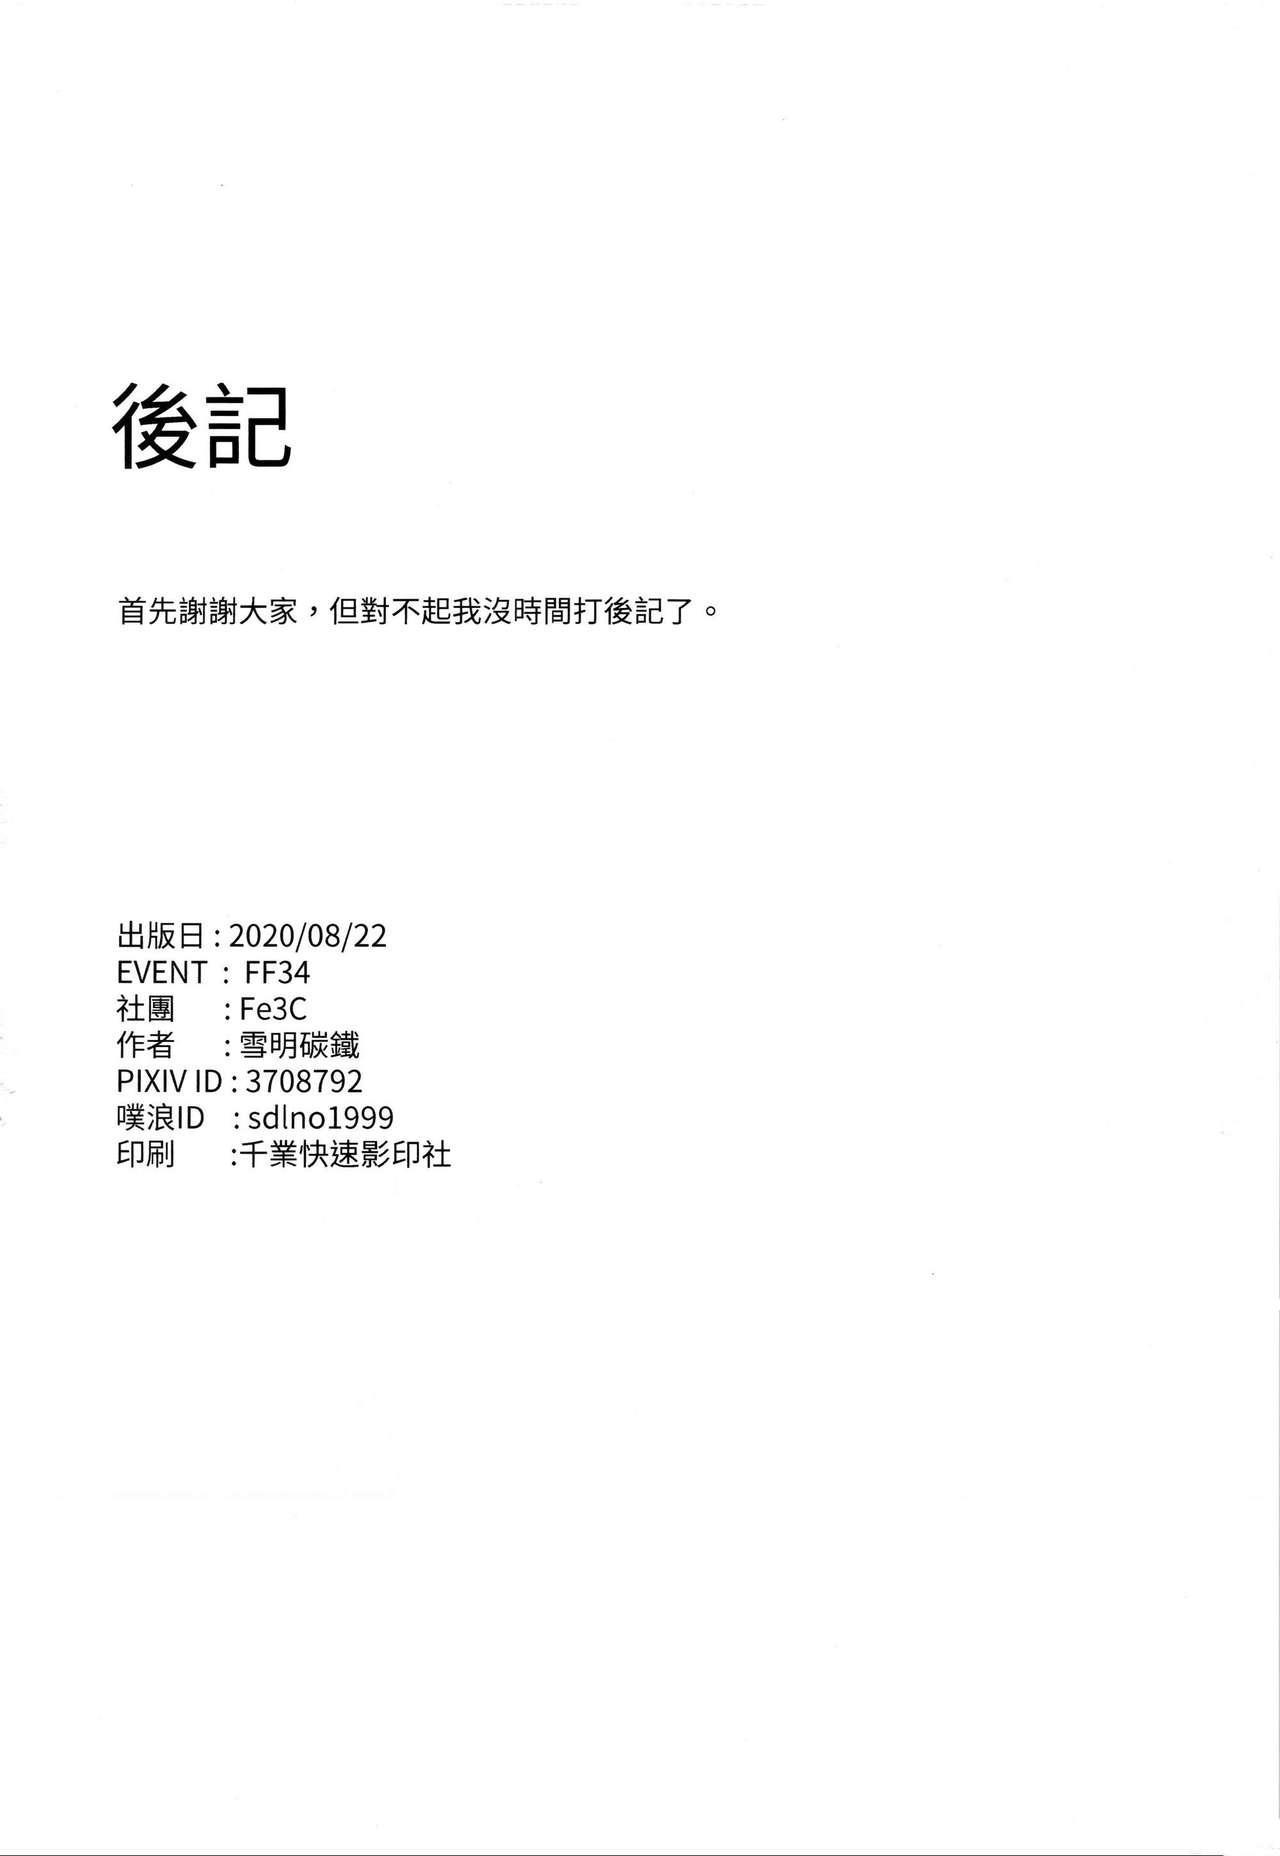 【台灣FF36】 [Fe3C(雪明碳鐵)] 我跟你說喔 學姊跟我回家了 (Princess Connect! Re:Dive)[Chinese]  [切嚕系女子個人搬運] [Decensored] 23